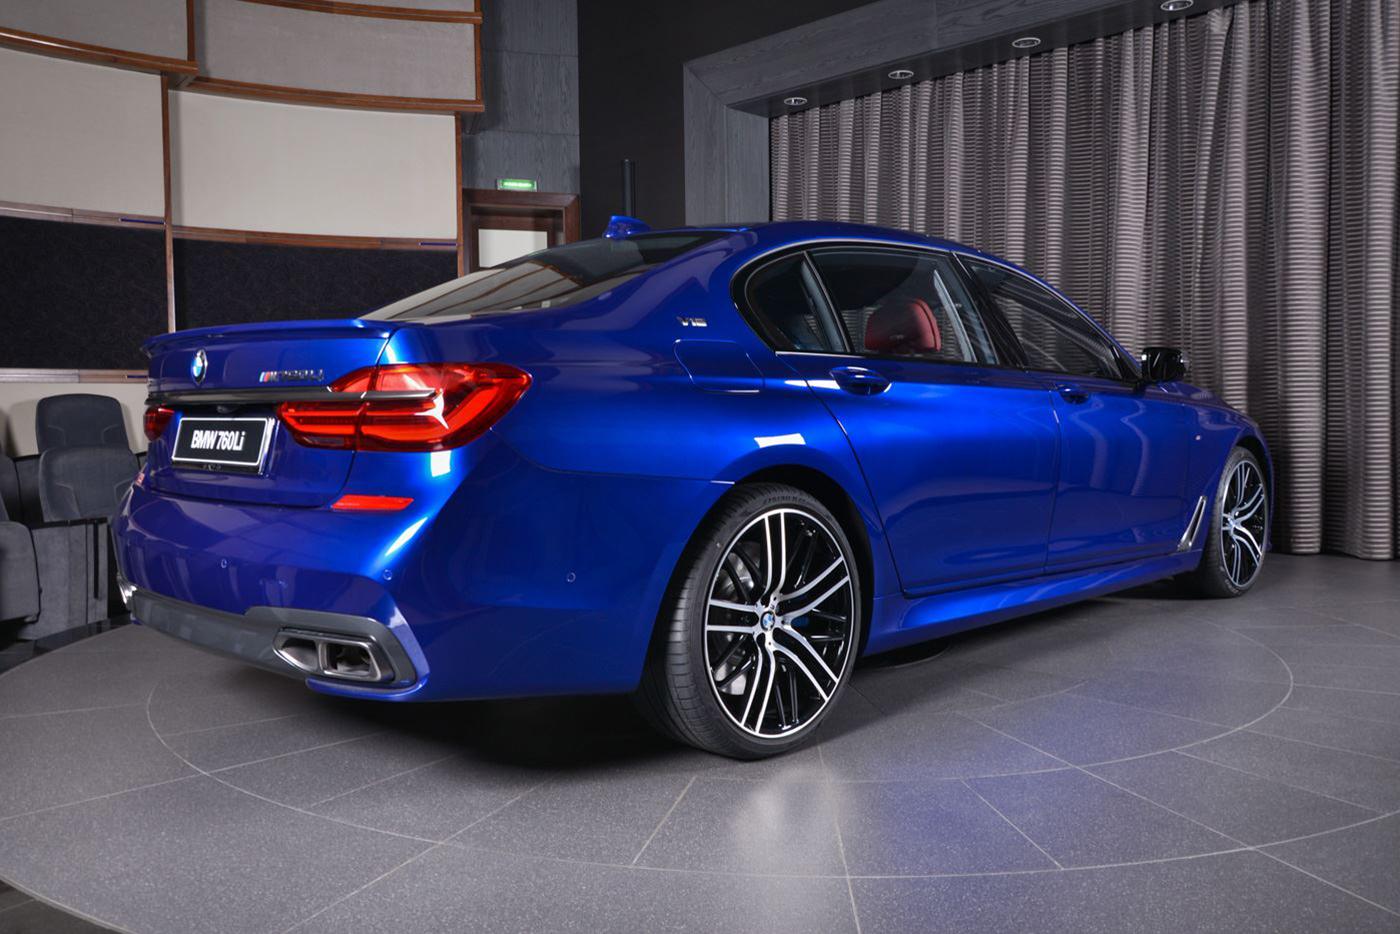 bmw-m760li-san-marino-blue-8.jpg